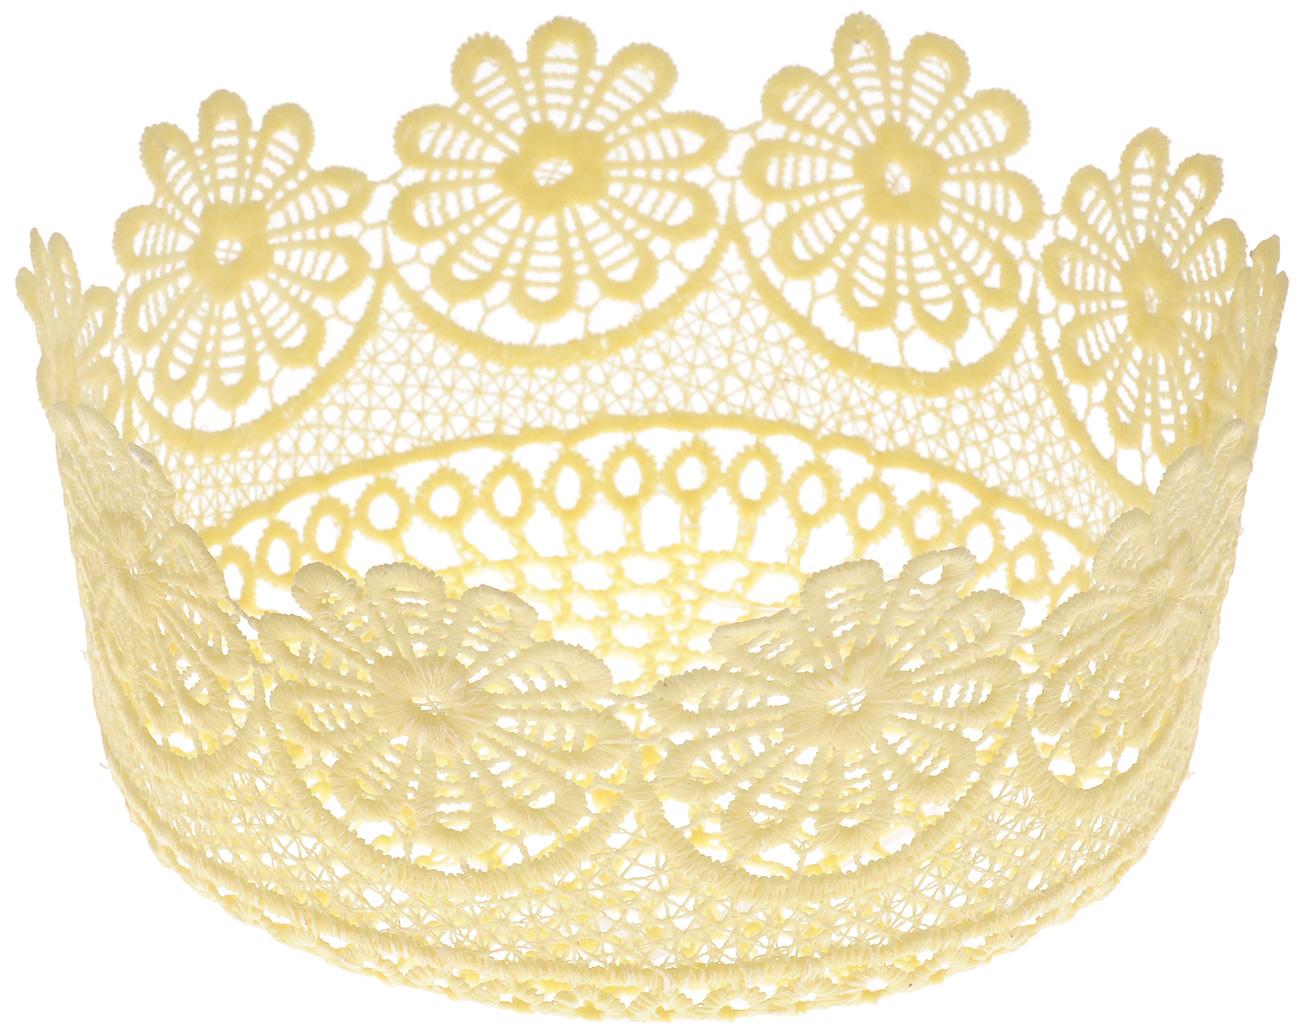 Корзина декоративная Home Queen Ромашки, цвет: желтый, диаметр 17 см391602Декоративная ажурная корзина Home Queen Ромашки, выполненная из полиэстера, предназначена для хранения различных мелочей и аксессуаров, также отлично подойдет для пасхальных яиц и кулича. Изделие имеет жесткую форму.Такая корзина станет оригинальным украшением интерьера к Пасхе.